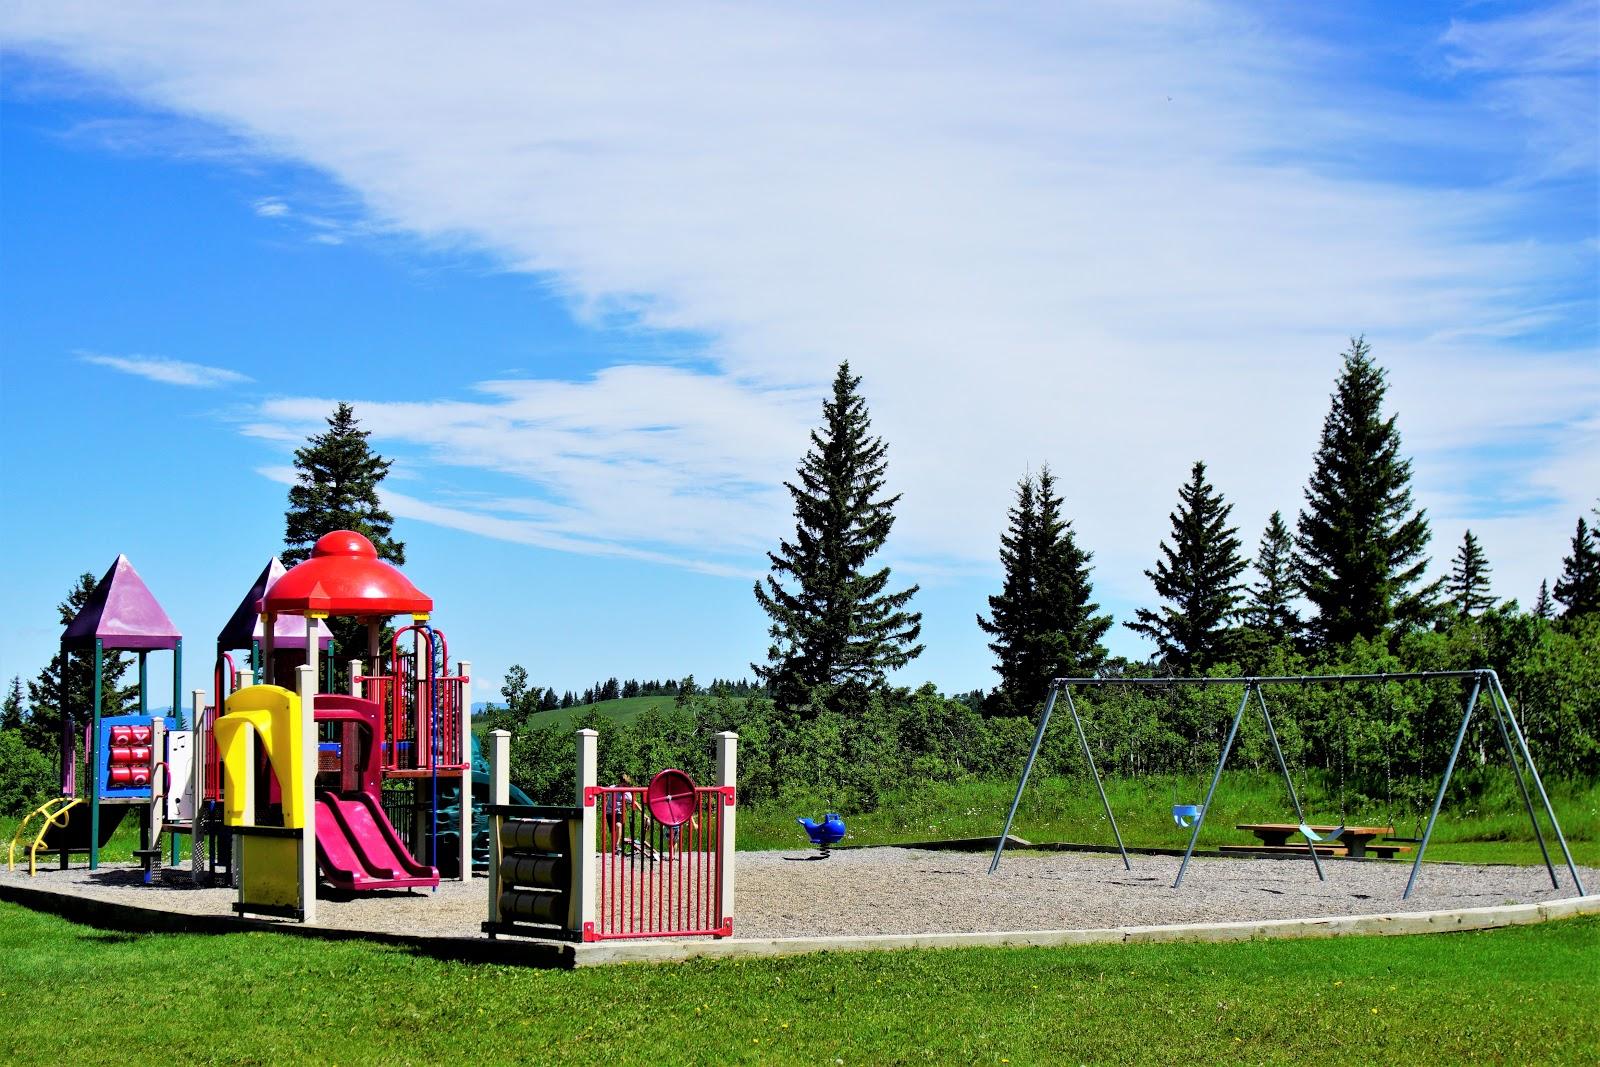 Beauvais Lake Campground Playground